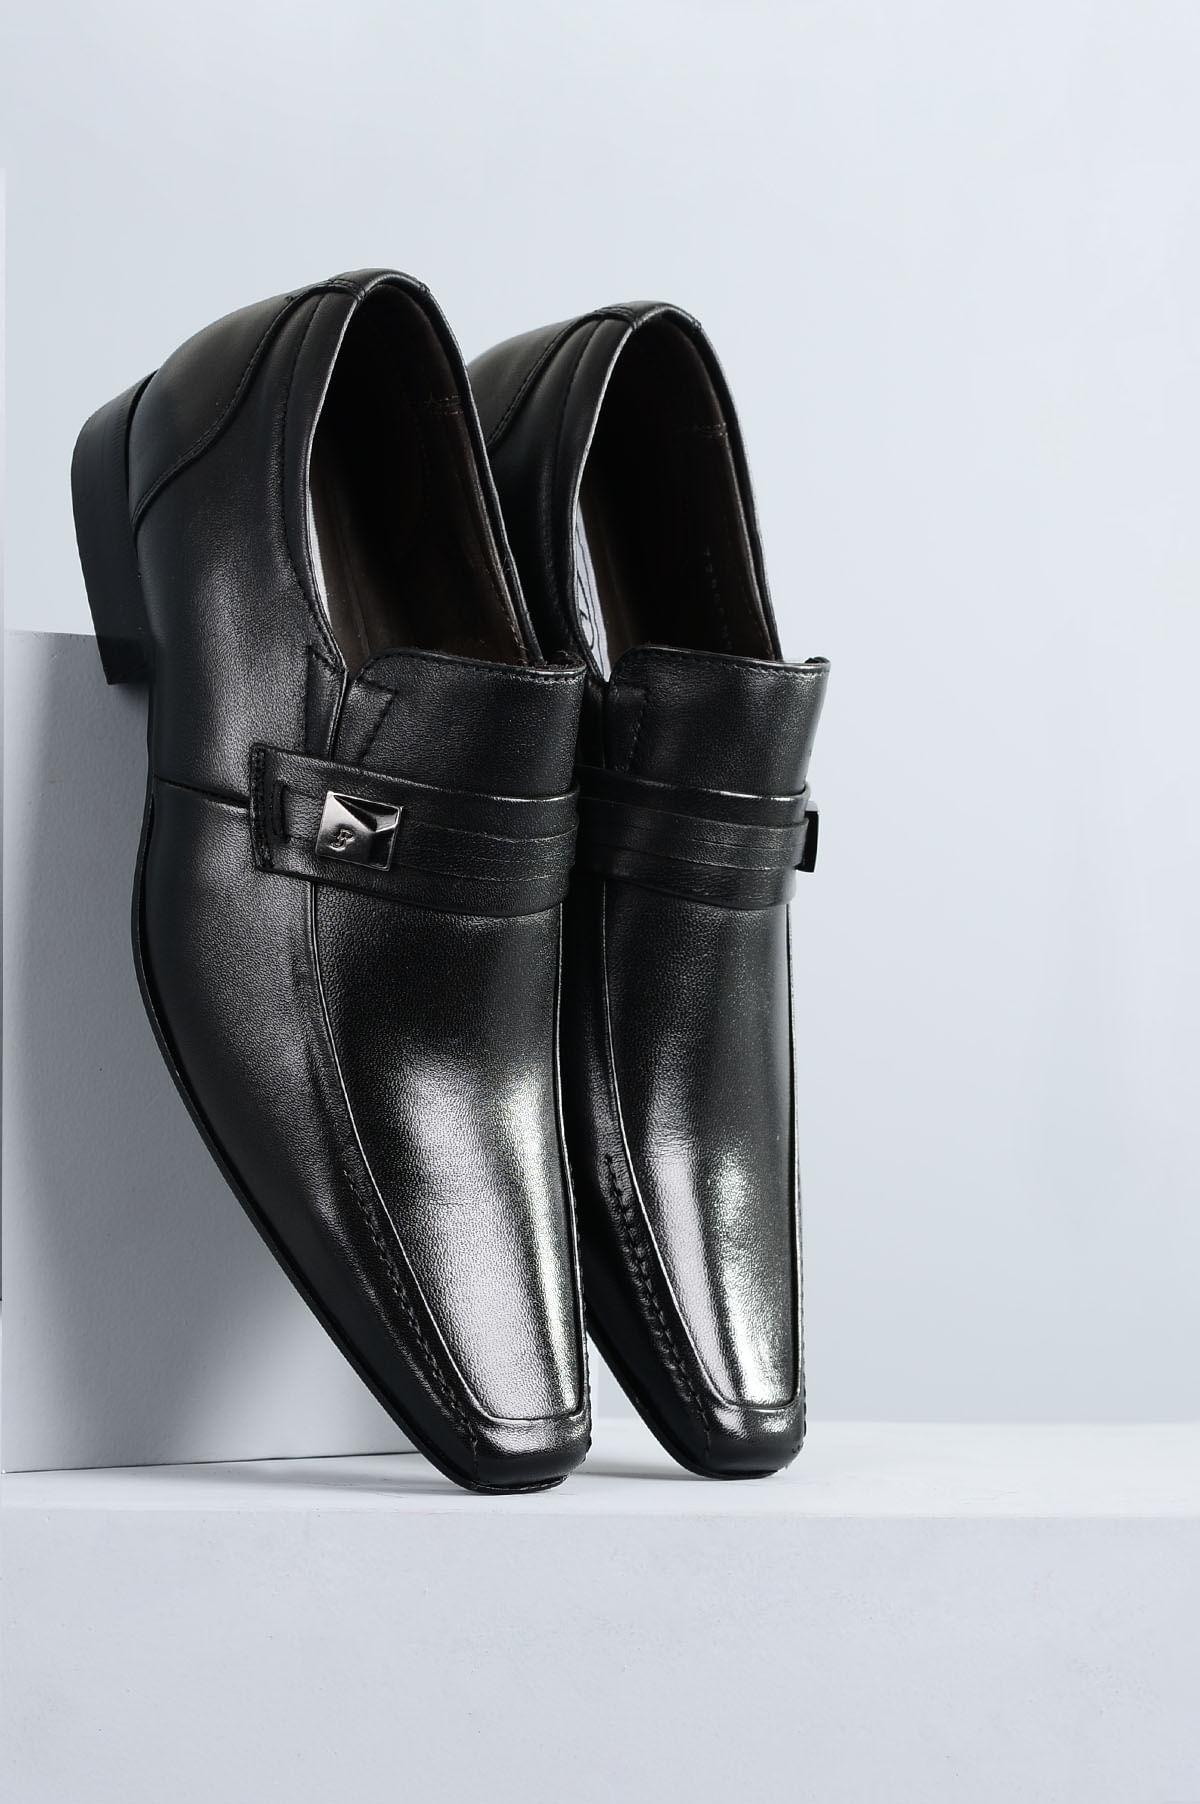 38f8c00e90 Sapato Masculino Jota Pe Berlin CR-PRETO - Mundial Calçados